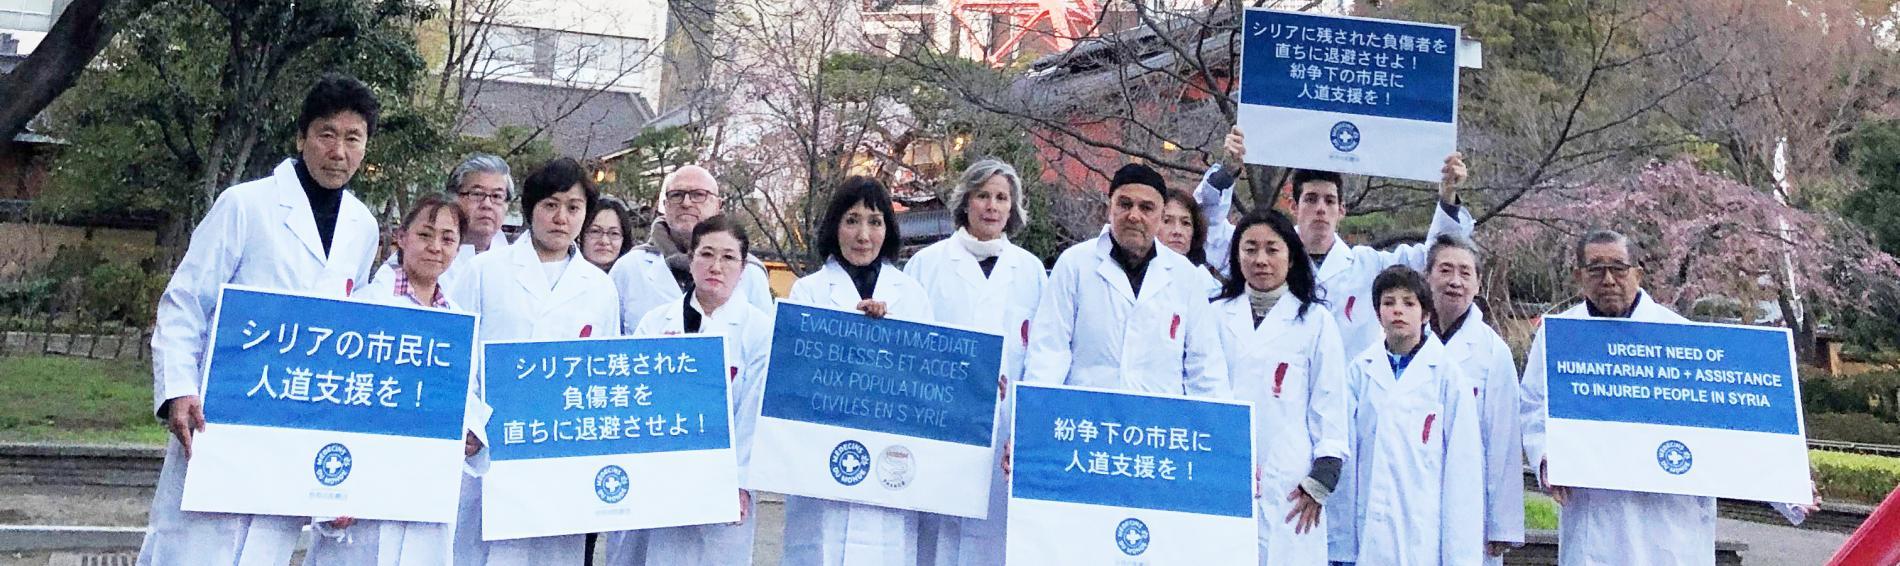 Ärzte der Welt Japan protestiert vor dem Tokyo Tower. Foto: Ärzte der Welt